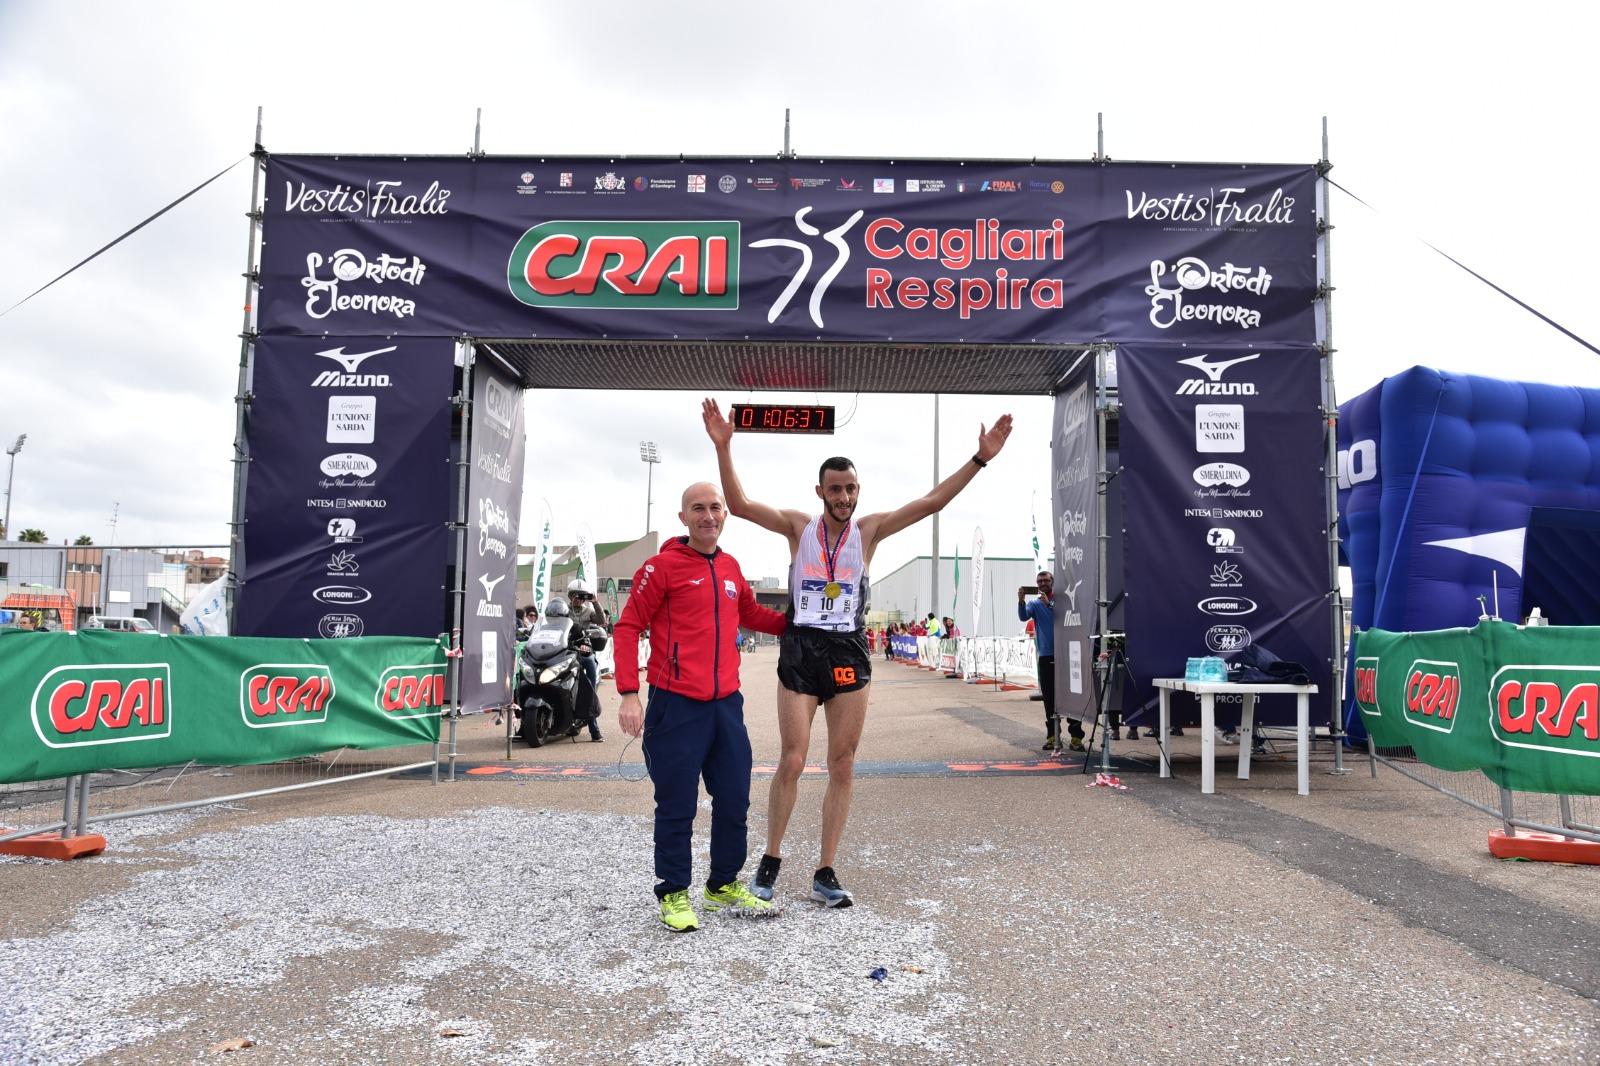 CRAI Cagliari Respira, in 3390 per un successo internazionale. Vincono lo spagnolo Chakib e la croata Sustic